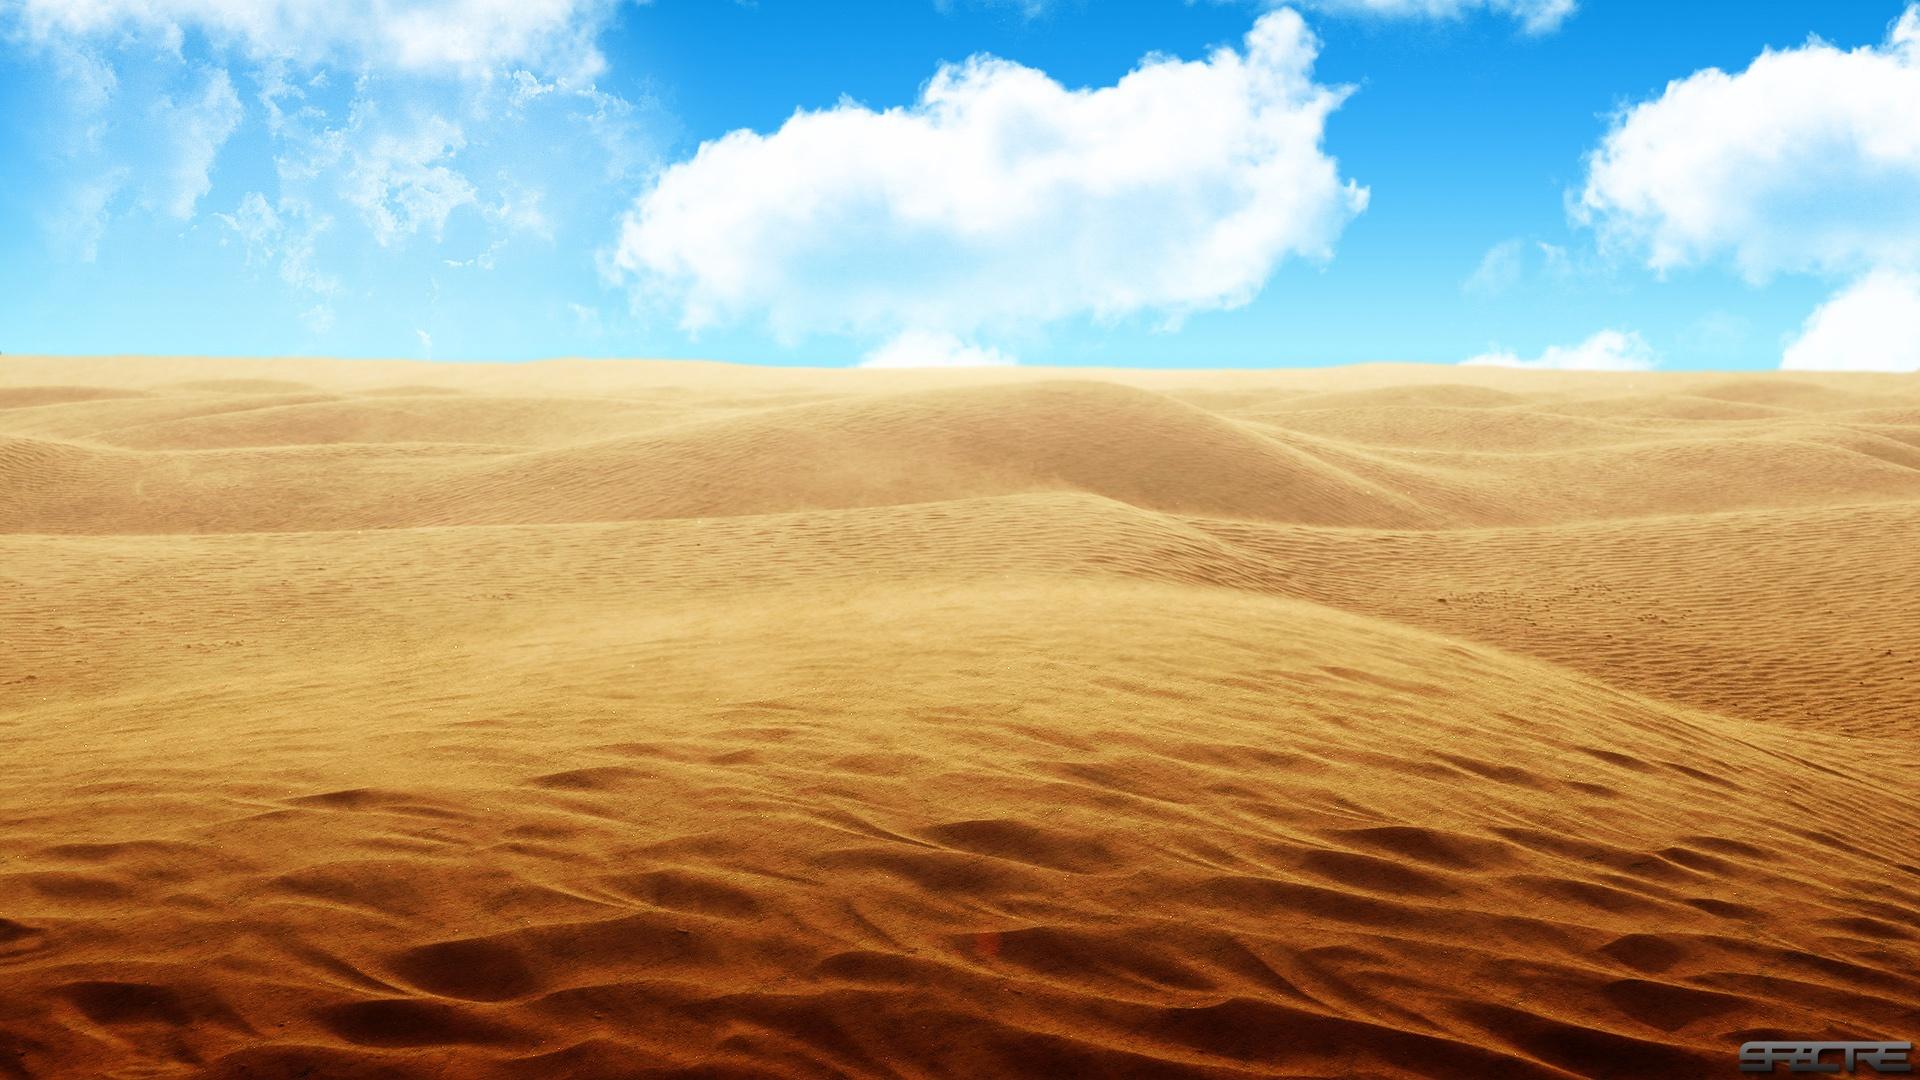 Beautiful pictures of deserts Deserts, Sahara, Atacama, Taklamakan - Crystalinks